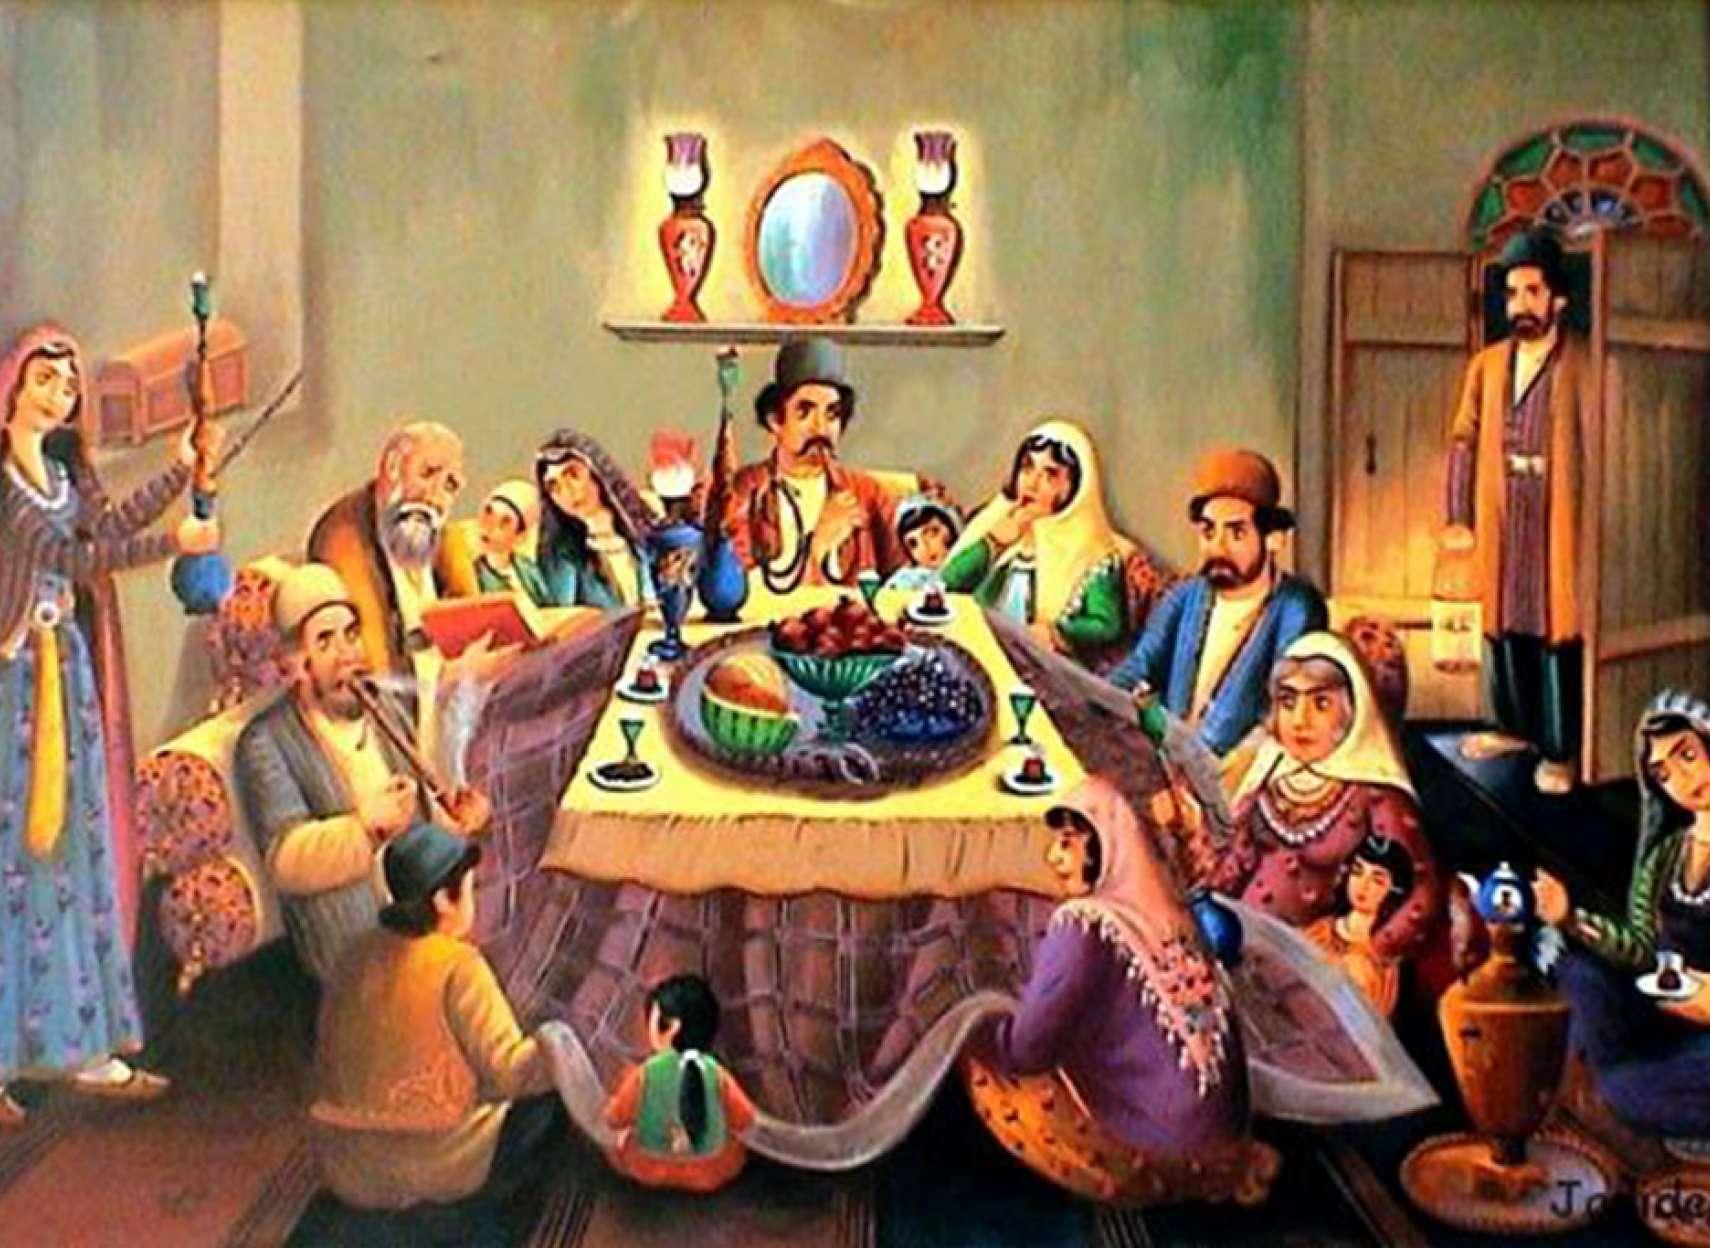 ادبیات-گلمحمدی-نگاهی-جدید-به-شب-یلدا-شب-مبارزه-با-سیاهی-و-ظلم